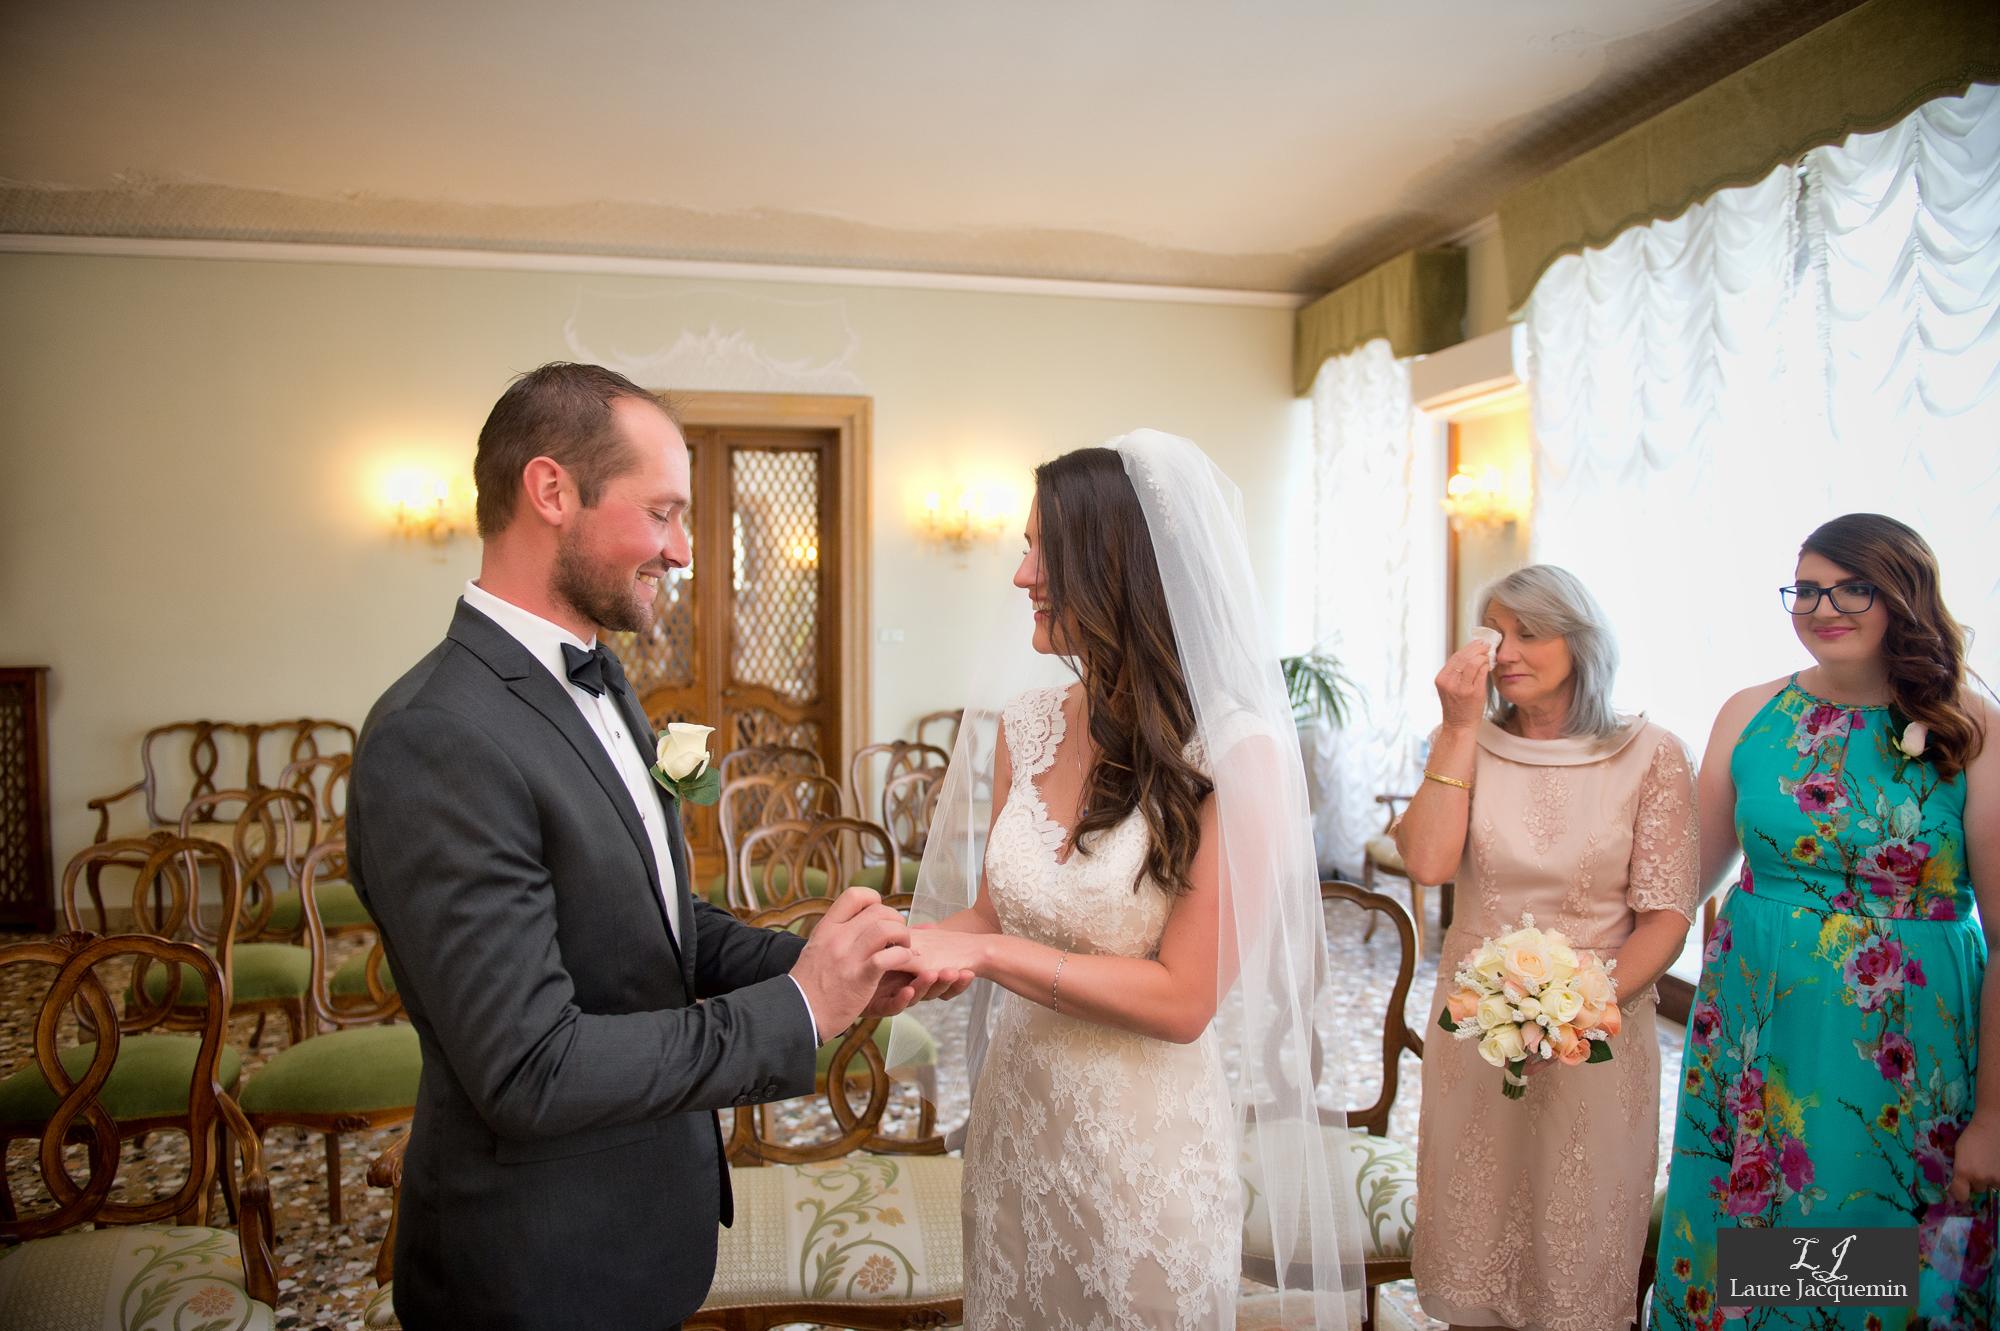 photographe mariage laure jacquemin palazzo cavalli service photographique (22)